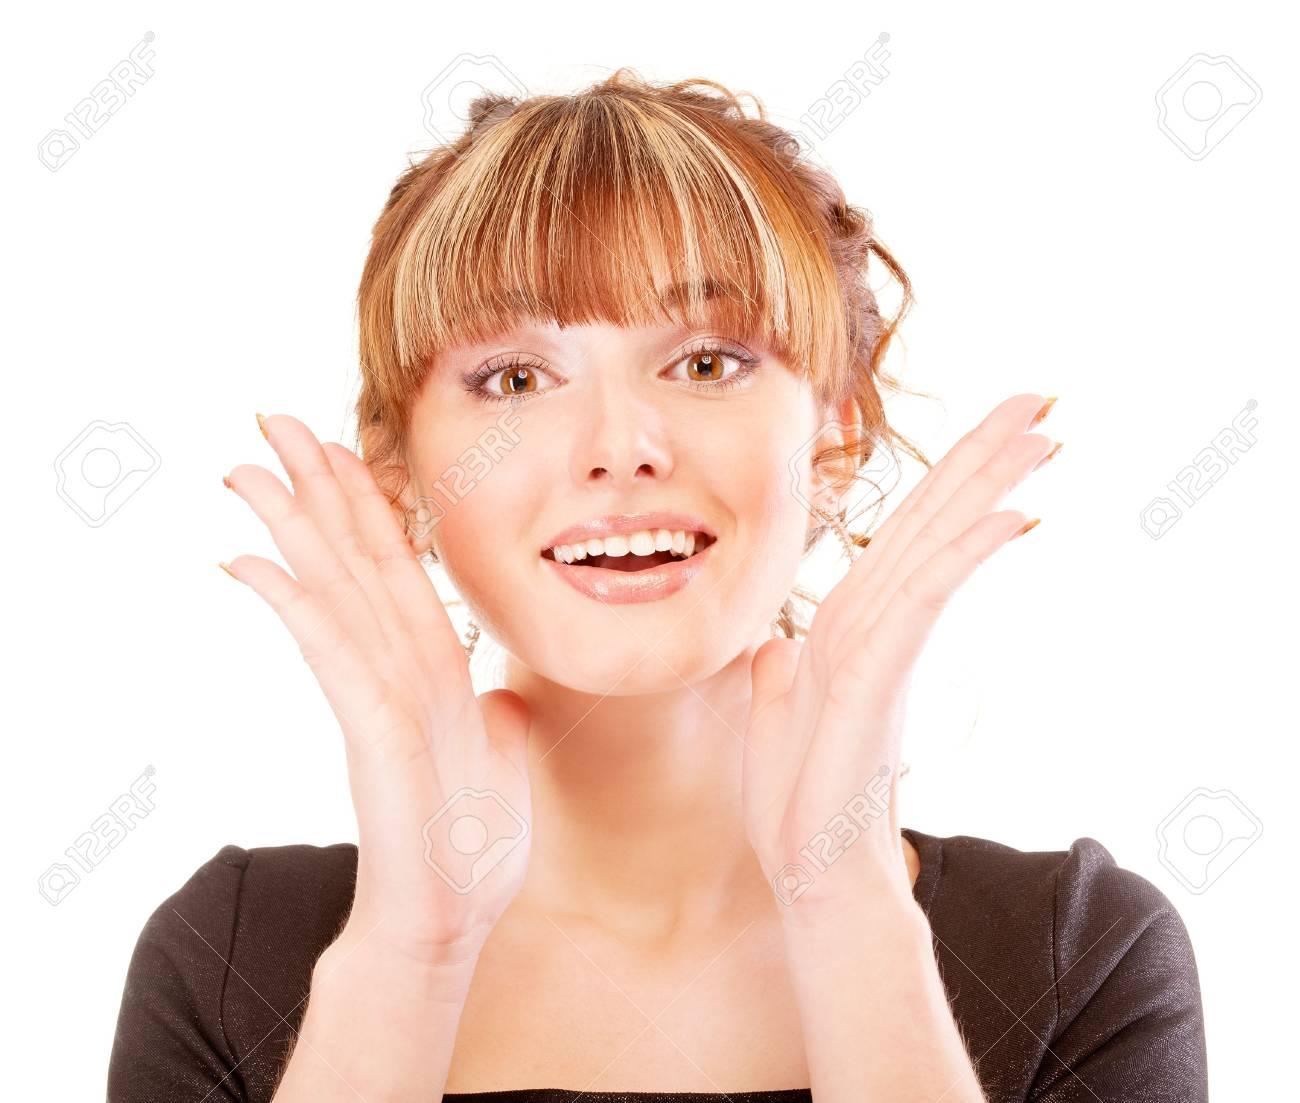 Portrait of joyful girl, isolated on white background. Stock Photo - 6610110